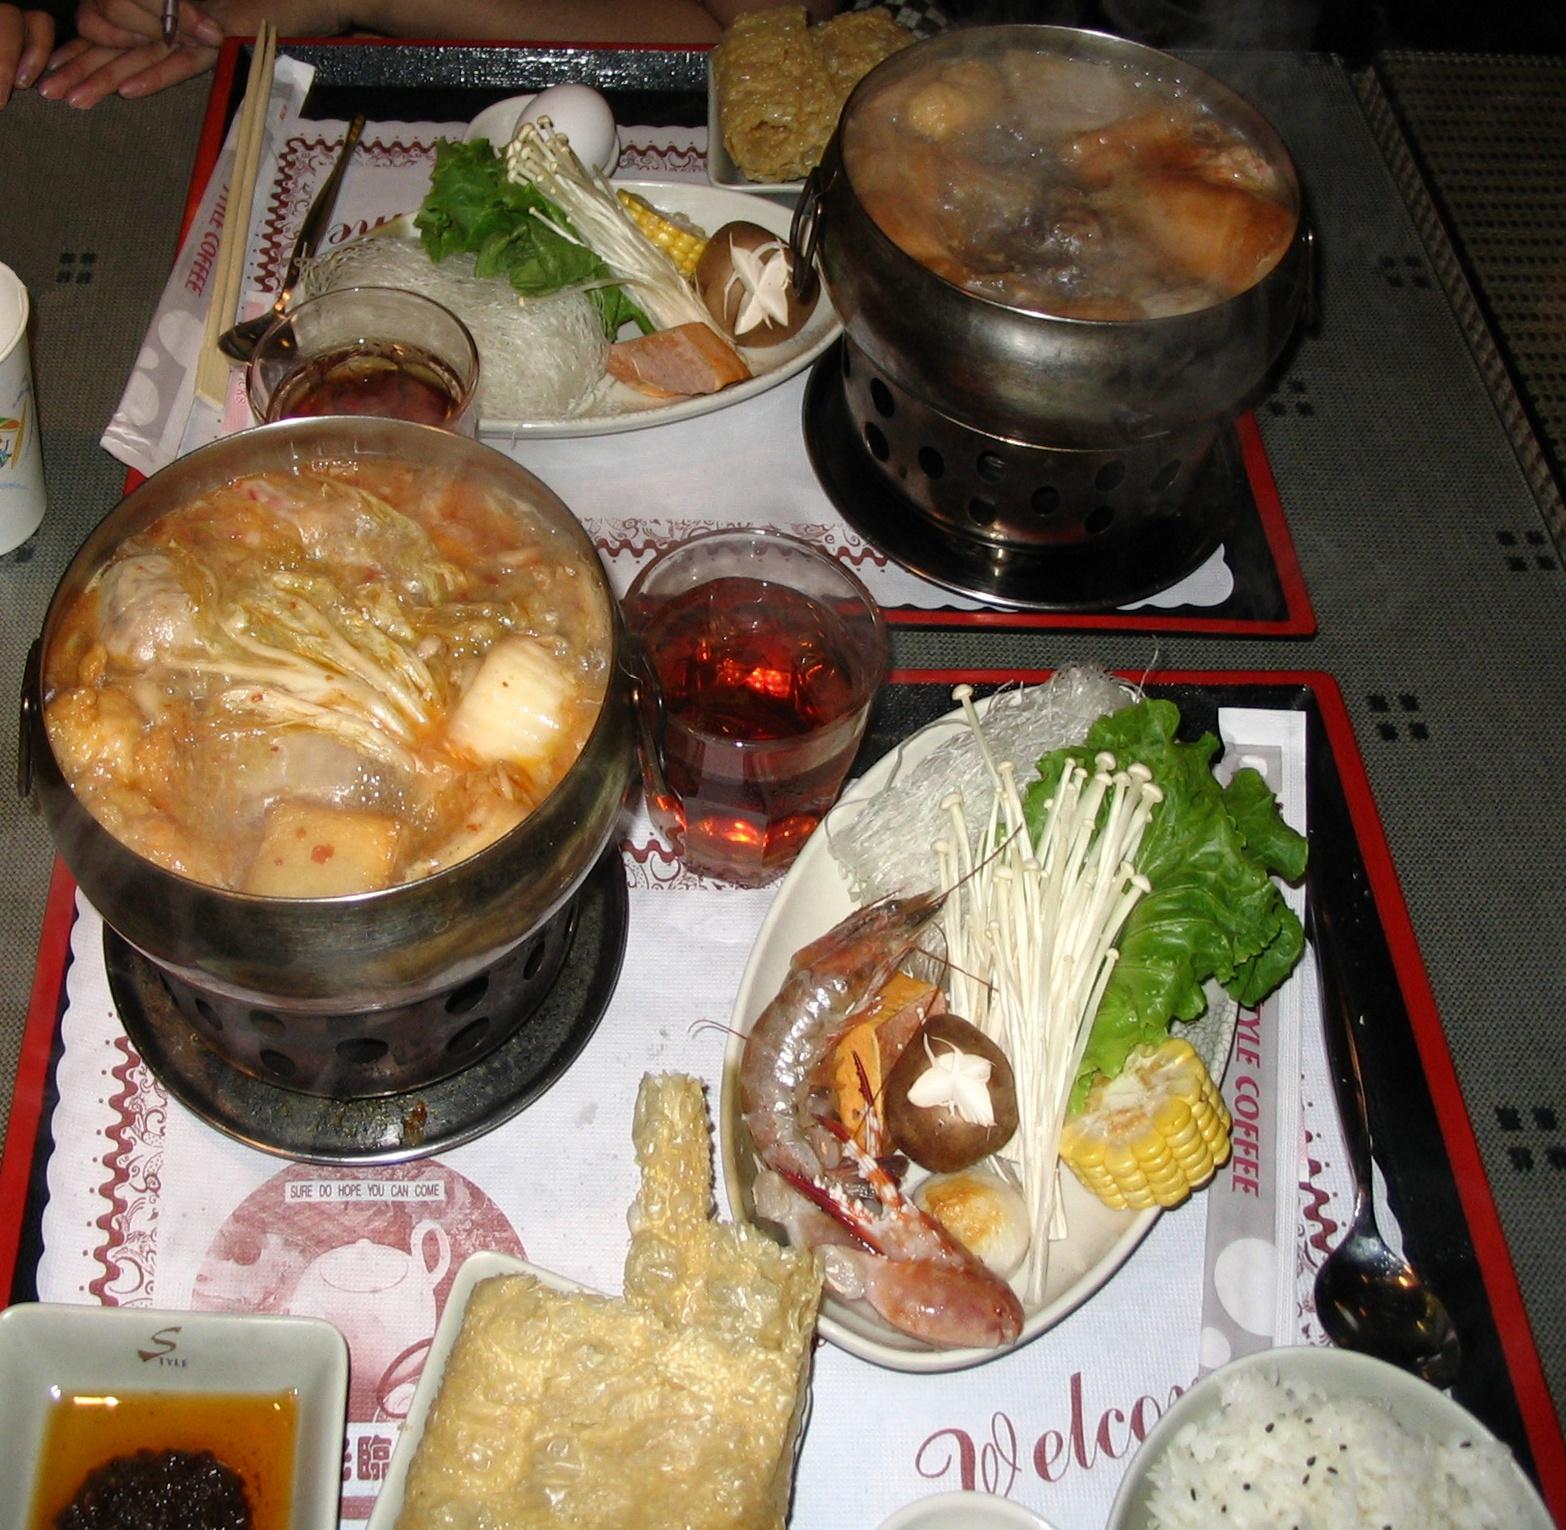 Hot Pot Restaurant In San Diego